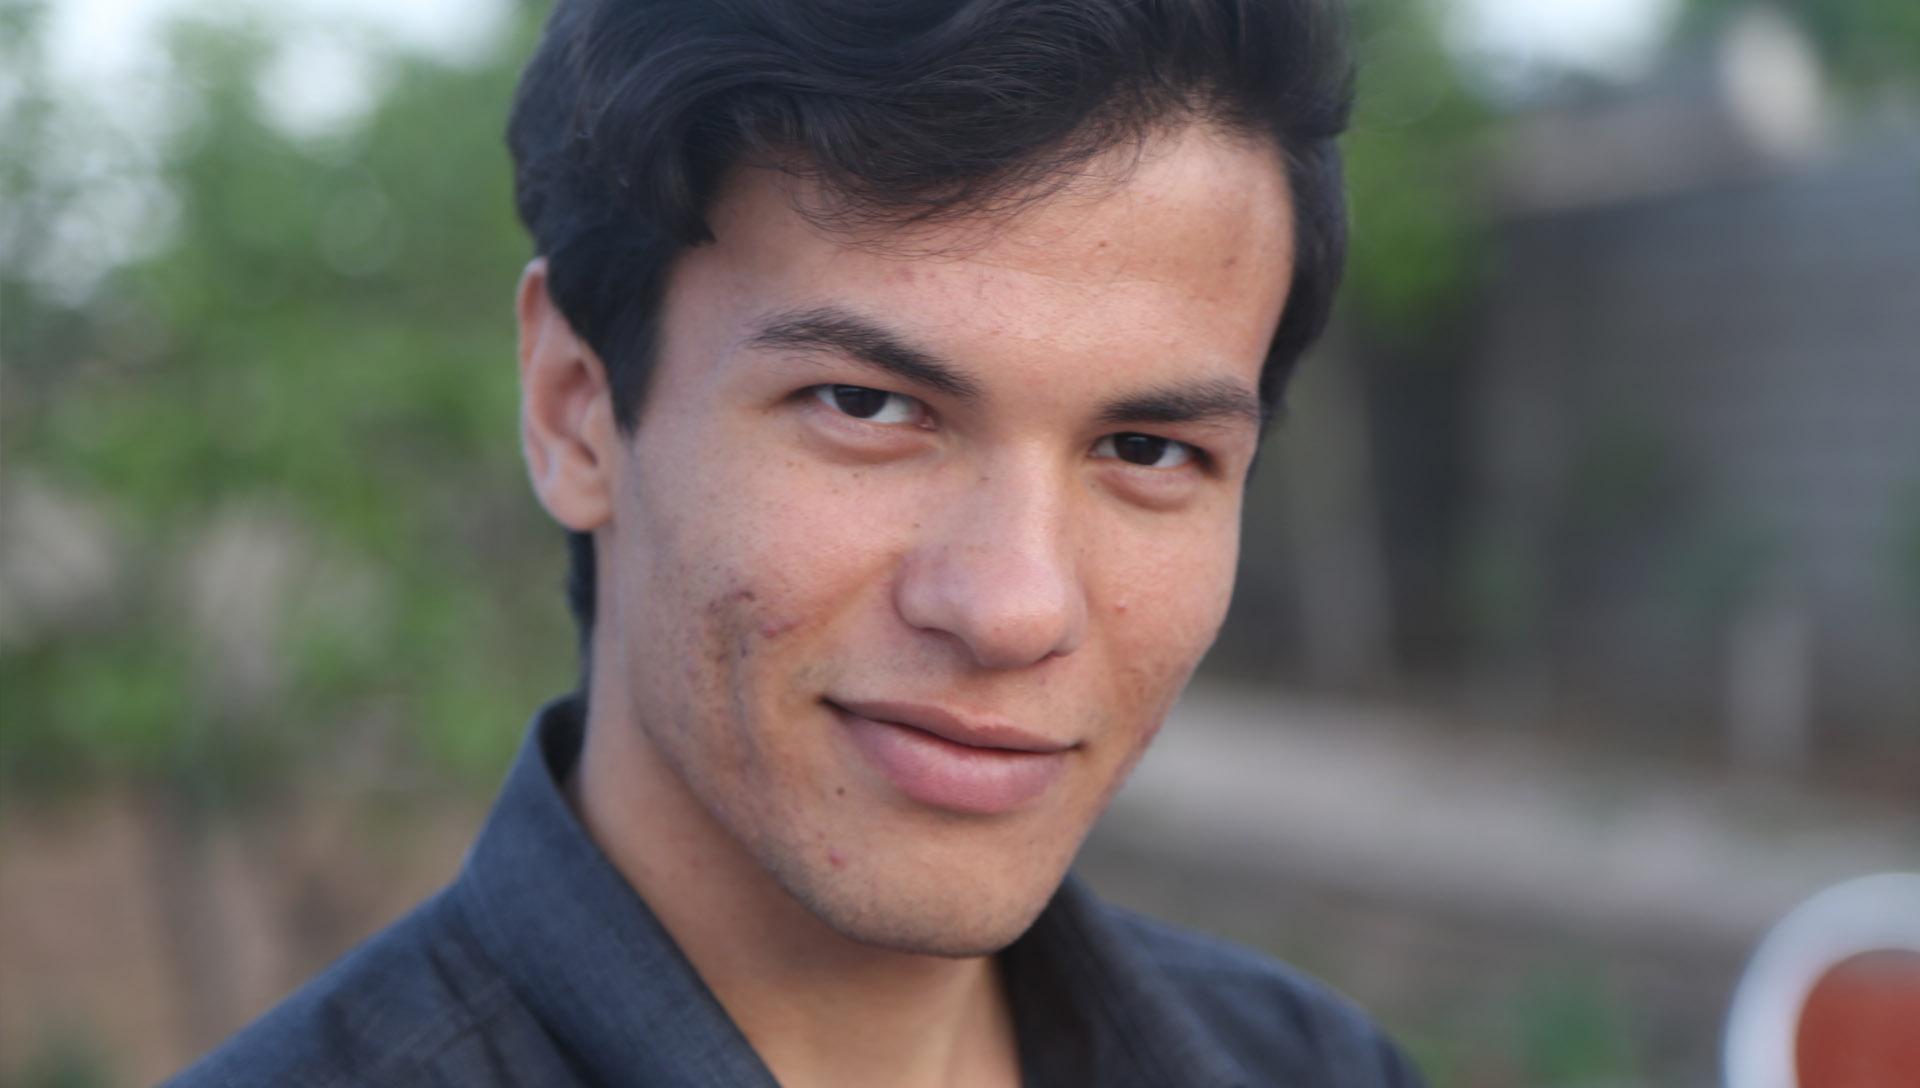 علی رضا شریفی - شرکت فیلم سازی زوم شیراز برادران شریفی